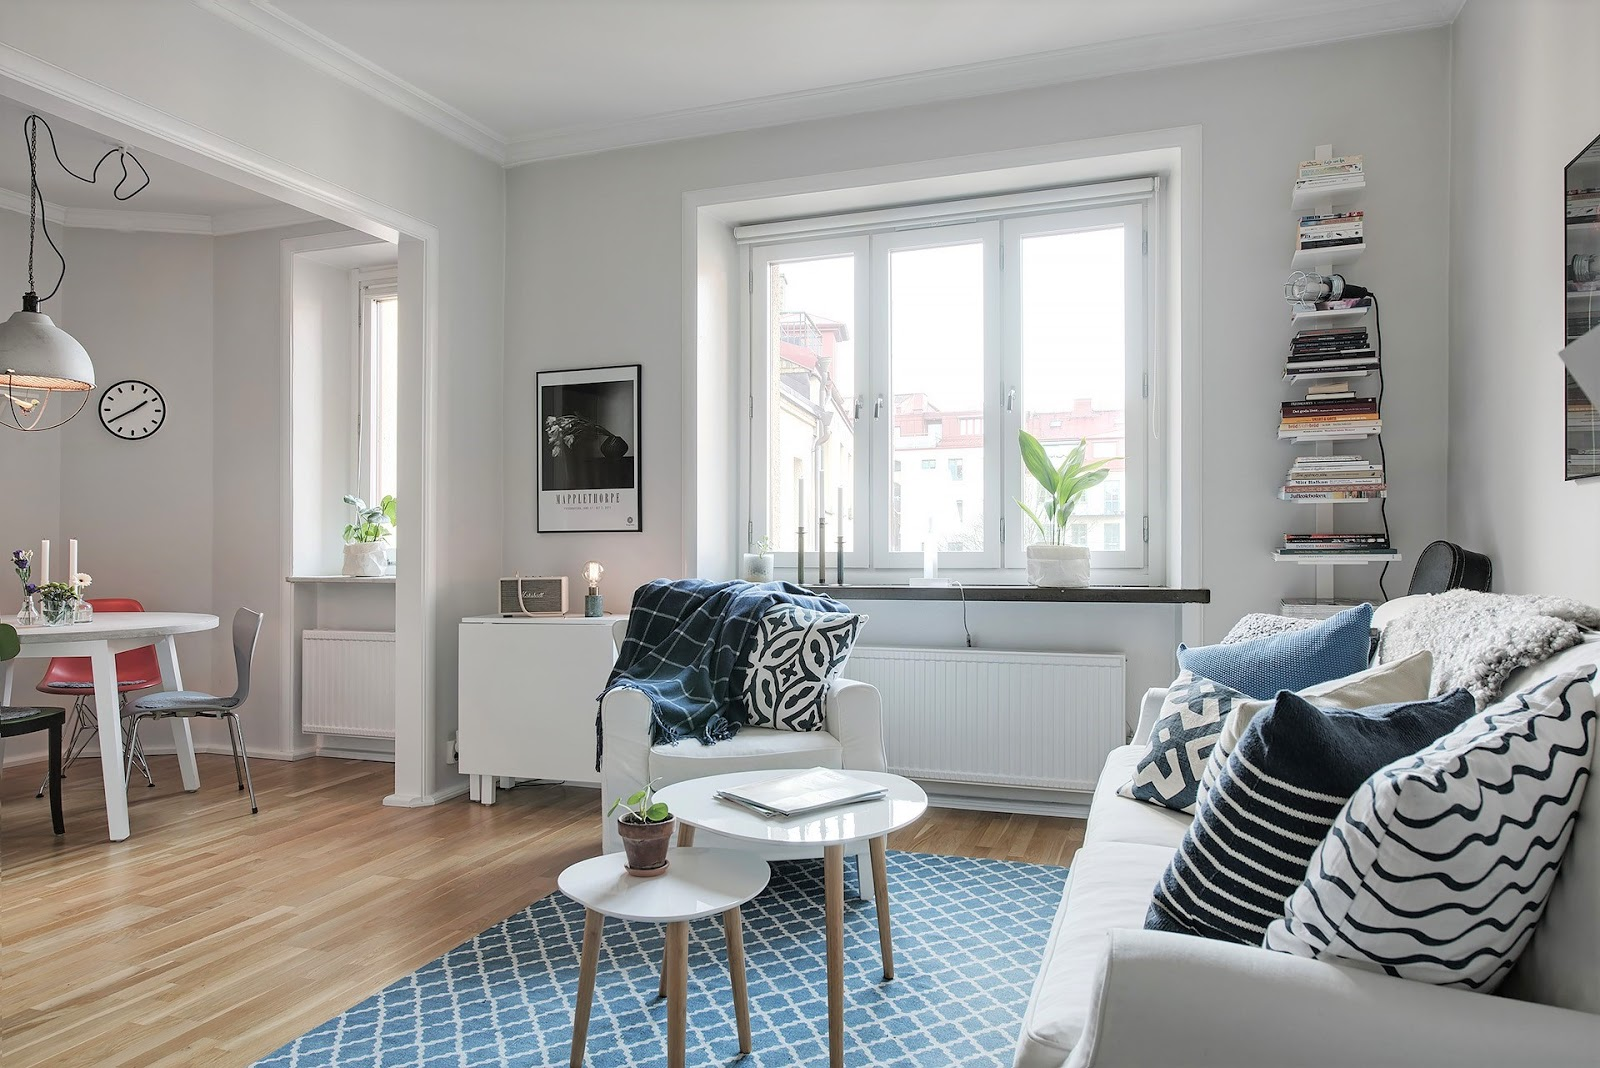 decoración piso para alquilar de estilo atemporal en tonos neutros